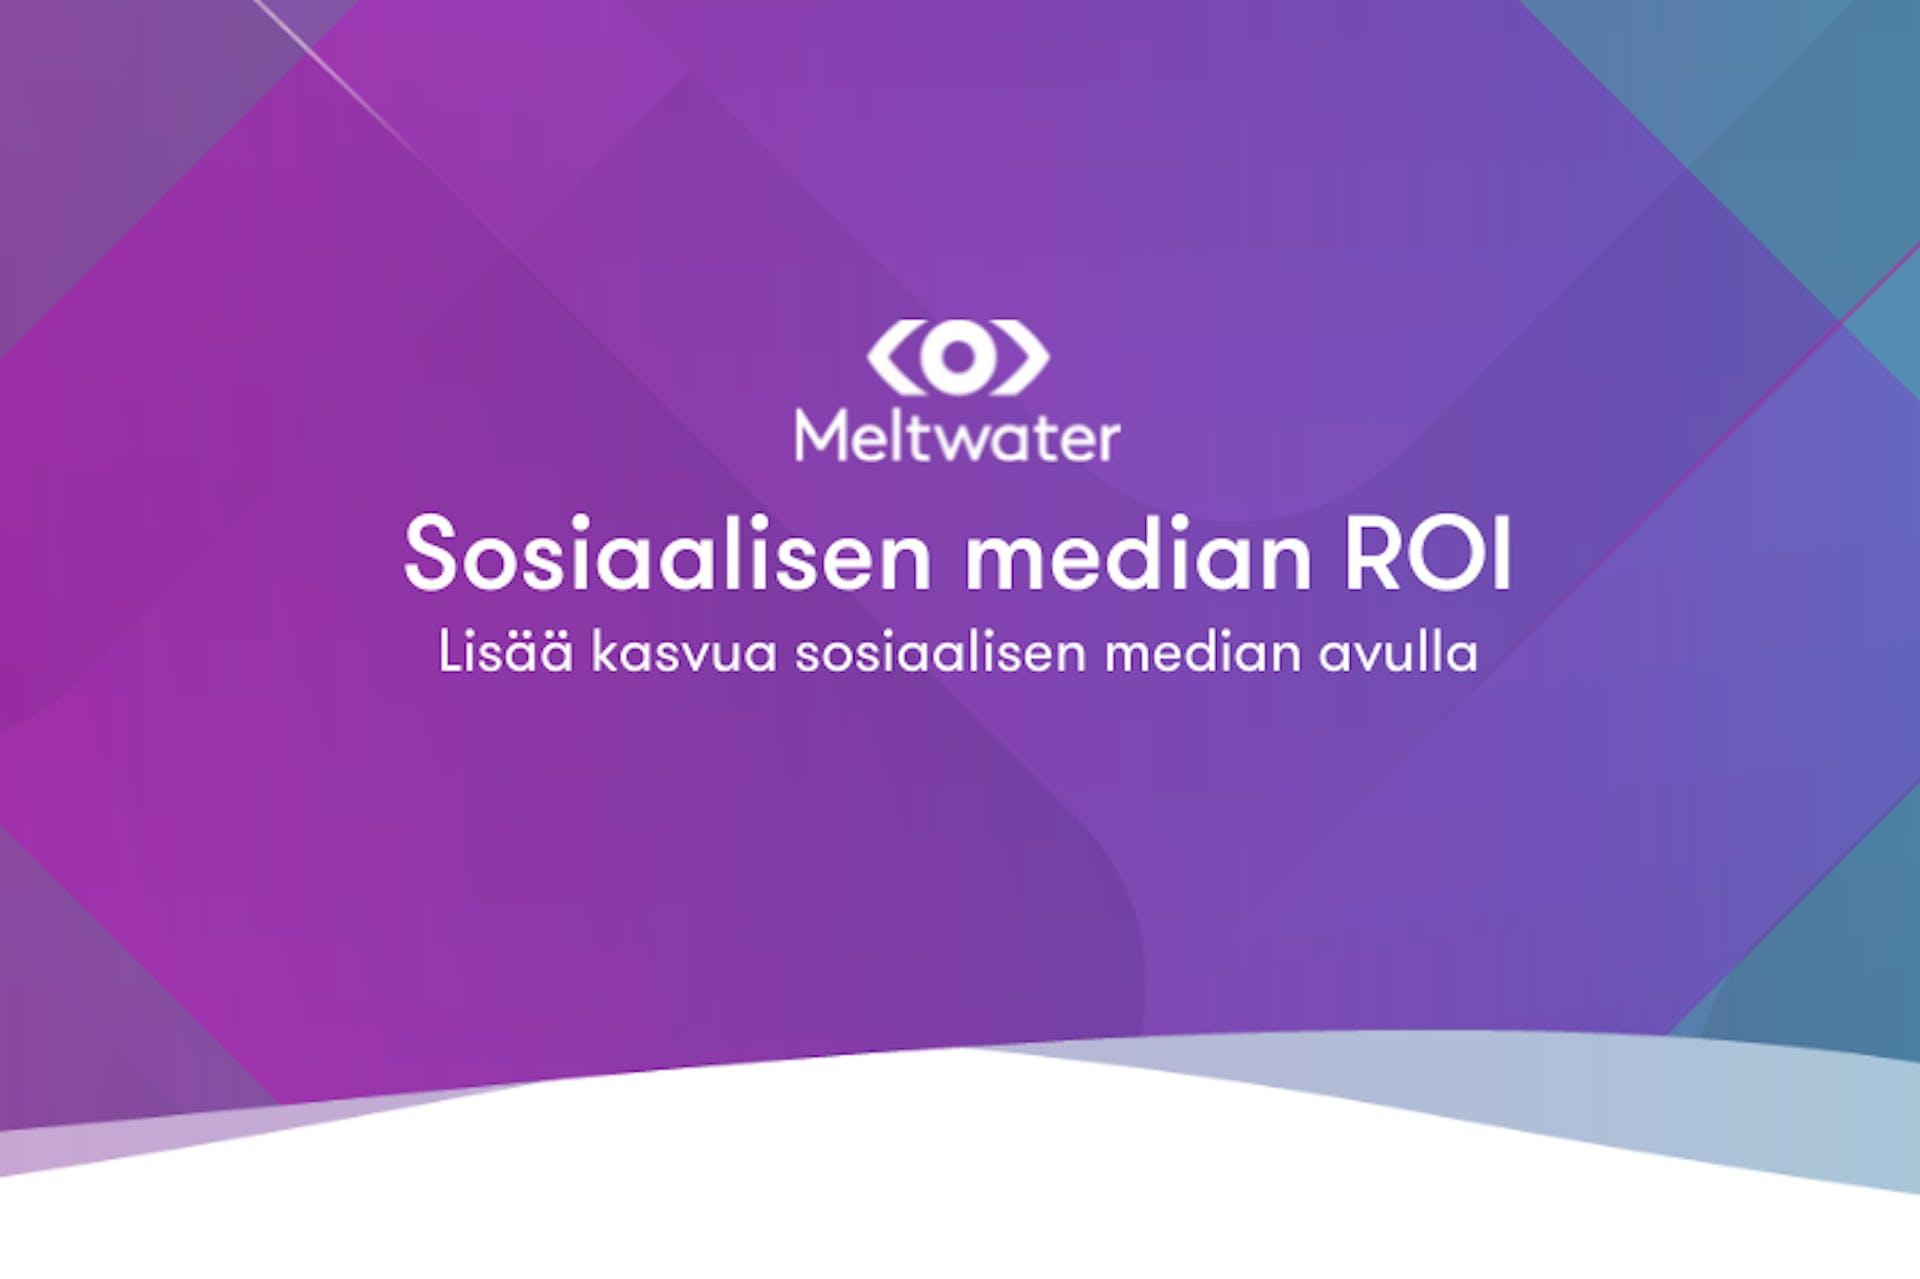 Sosiaalisen median ROI -teksti